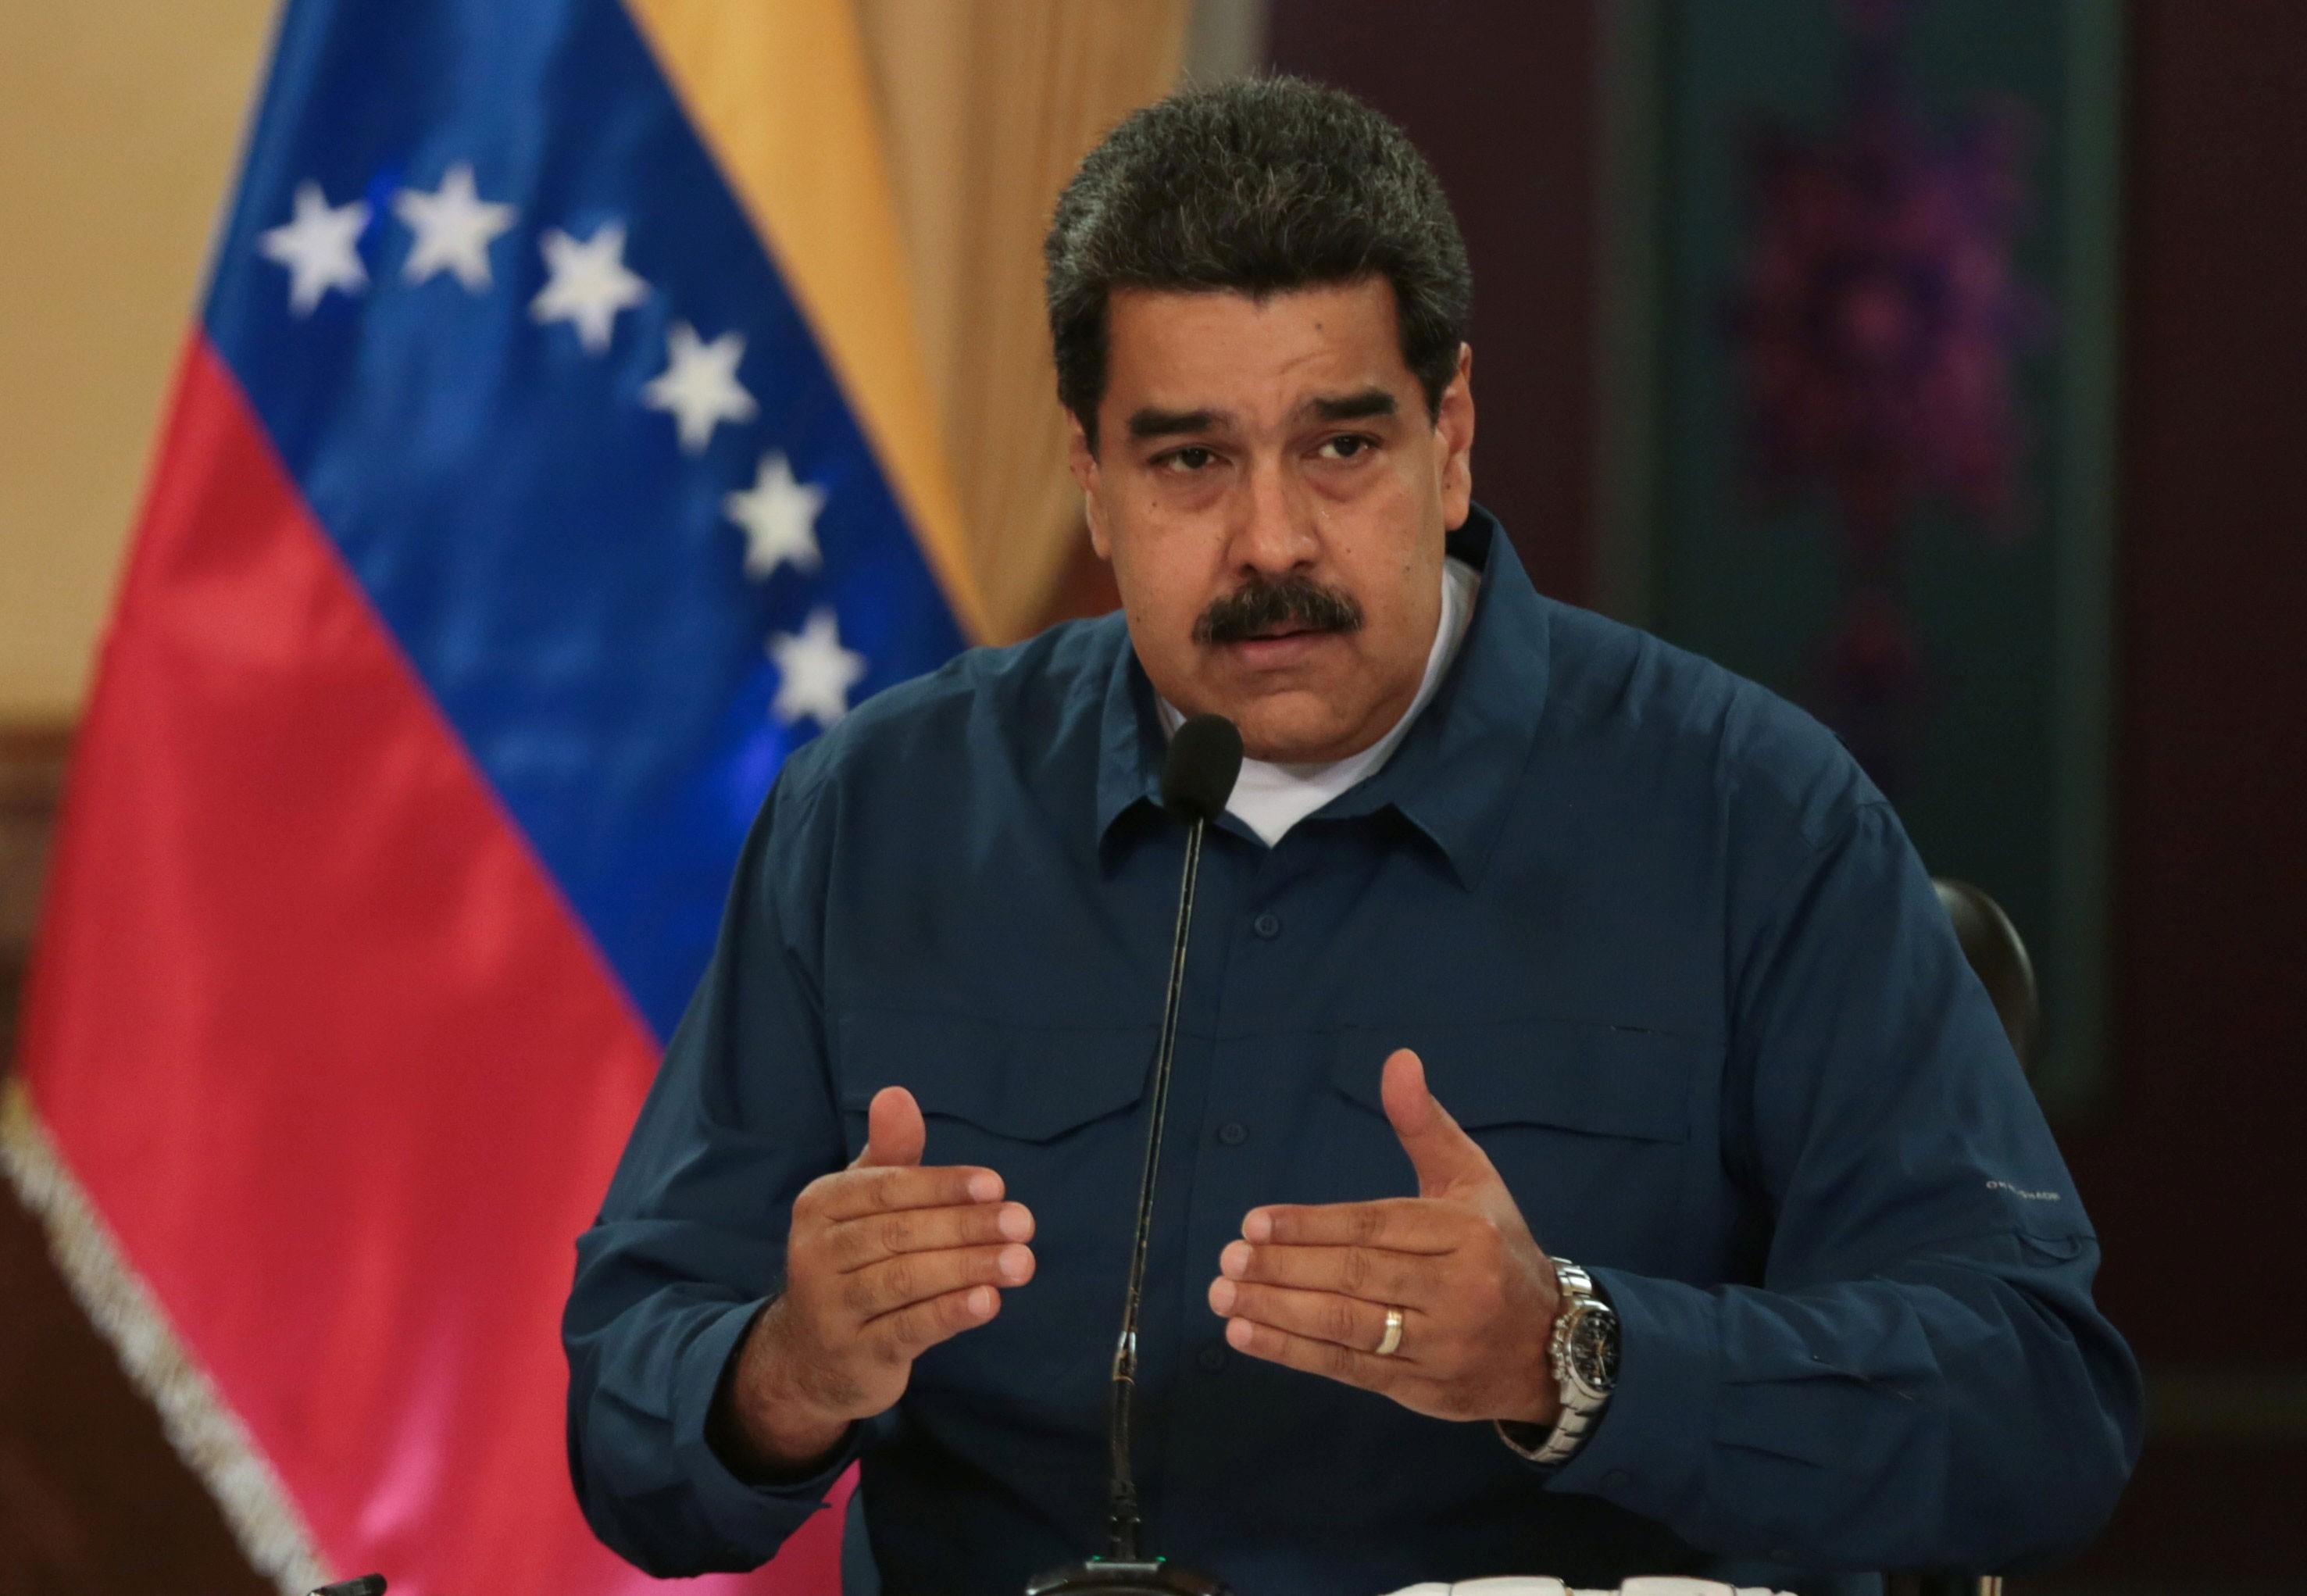 Venezuelanos mergulham em incerteza após decisões econômicas de Maduro, avaliam analistas